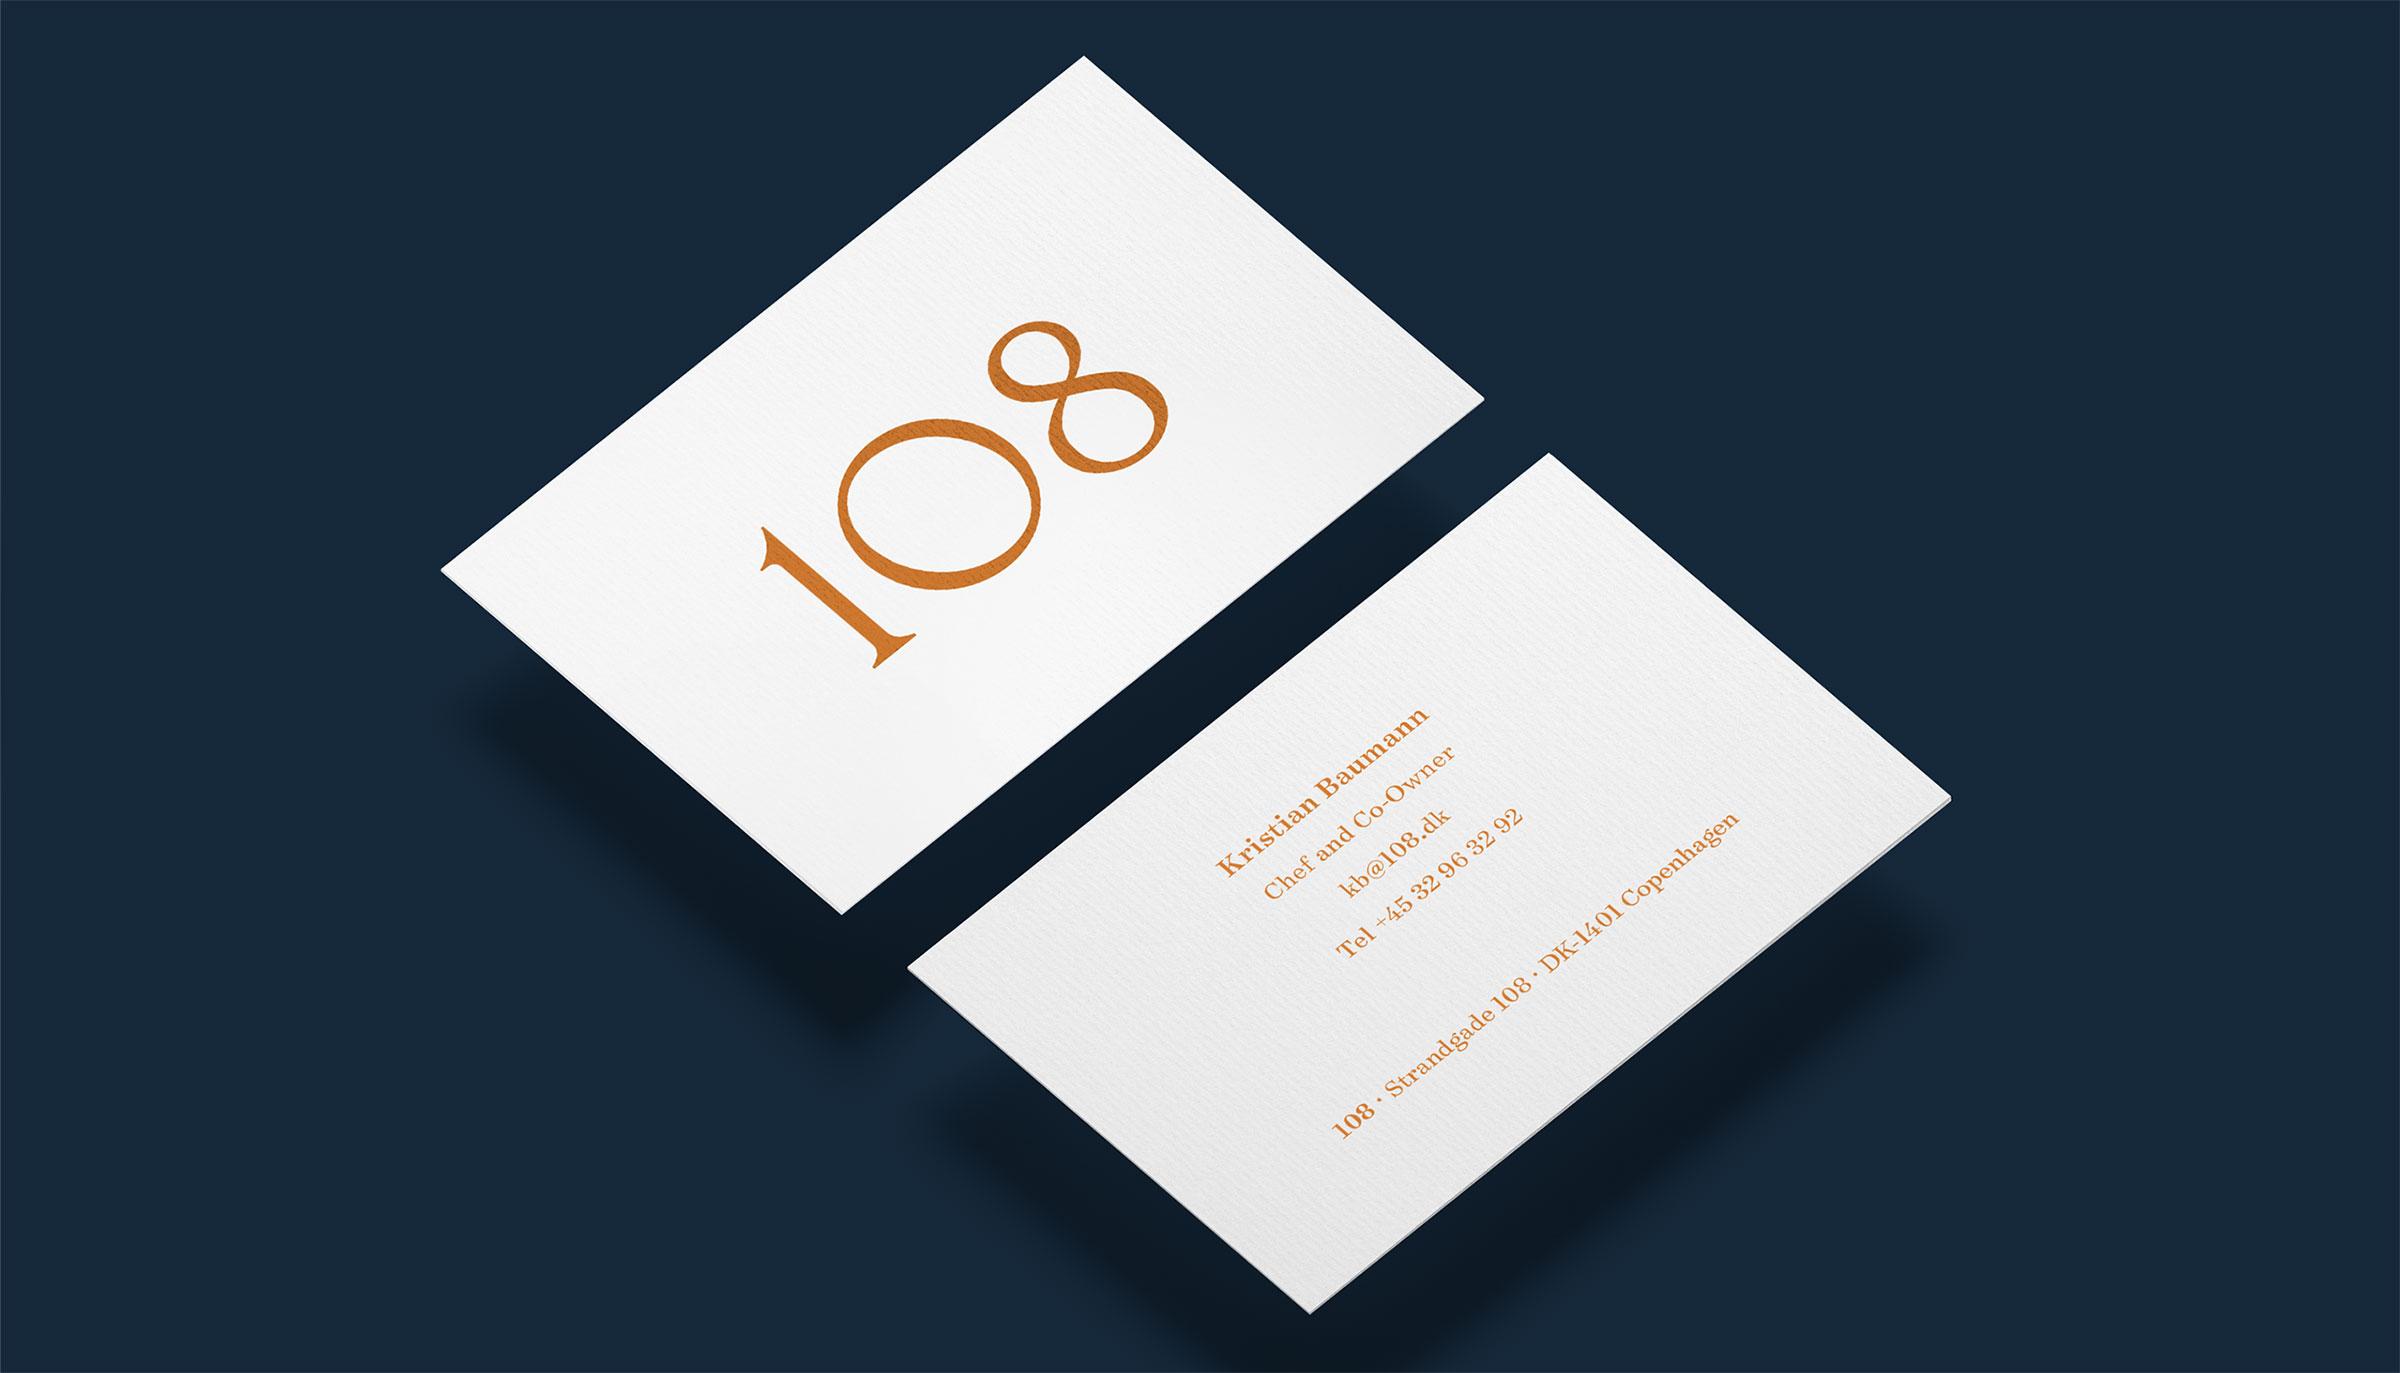 108_buinsesscar